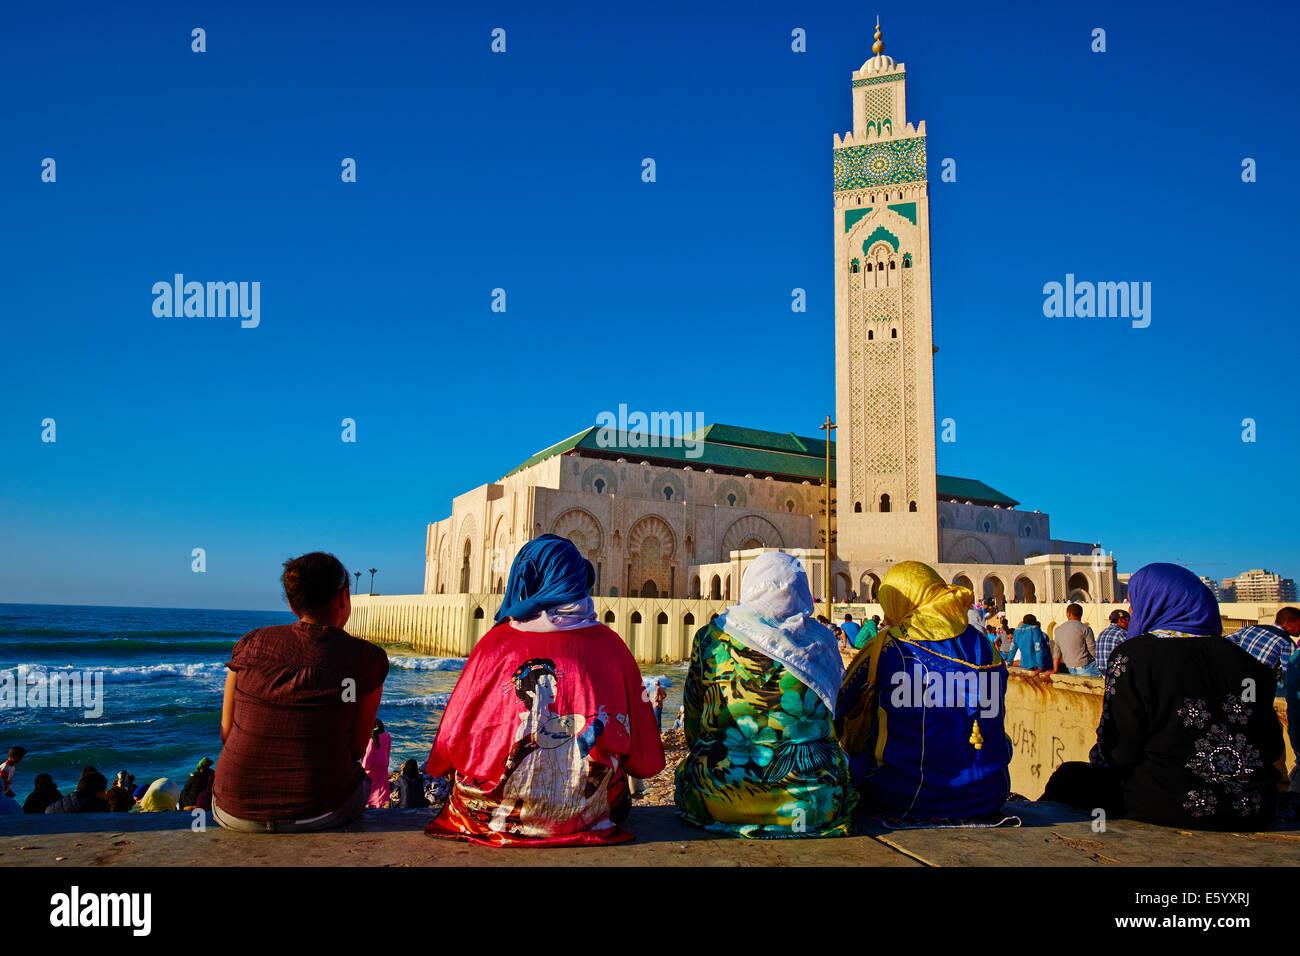 Maroc, Casablanca, la mosquée Hassan II. Banque D'Images